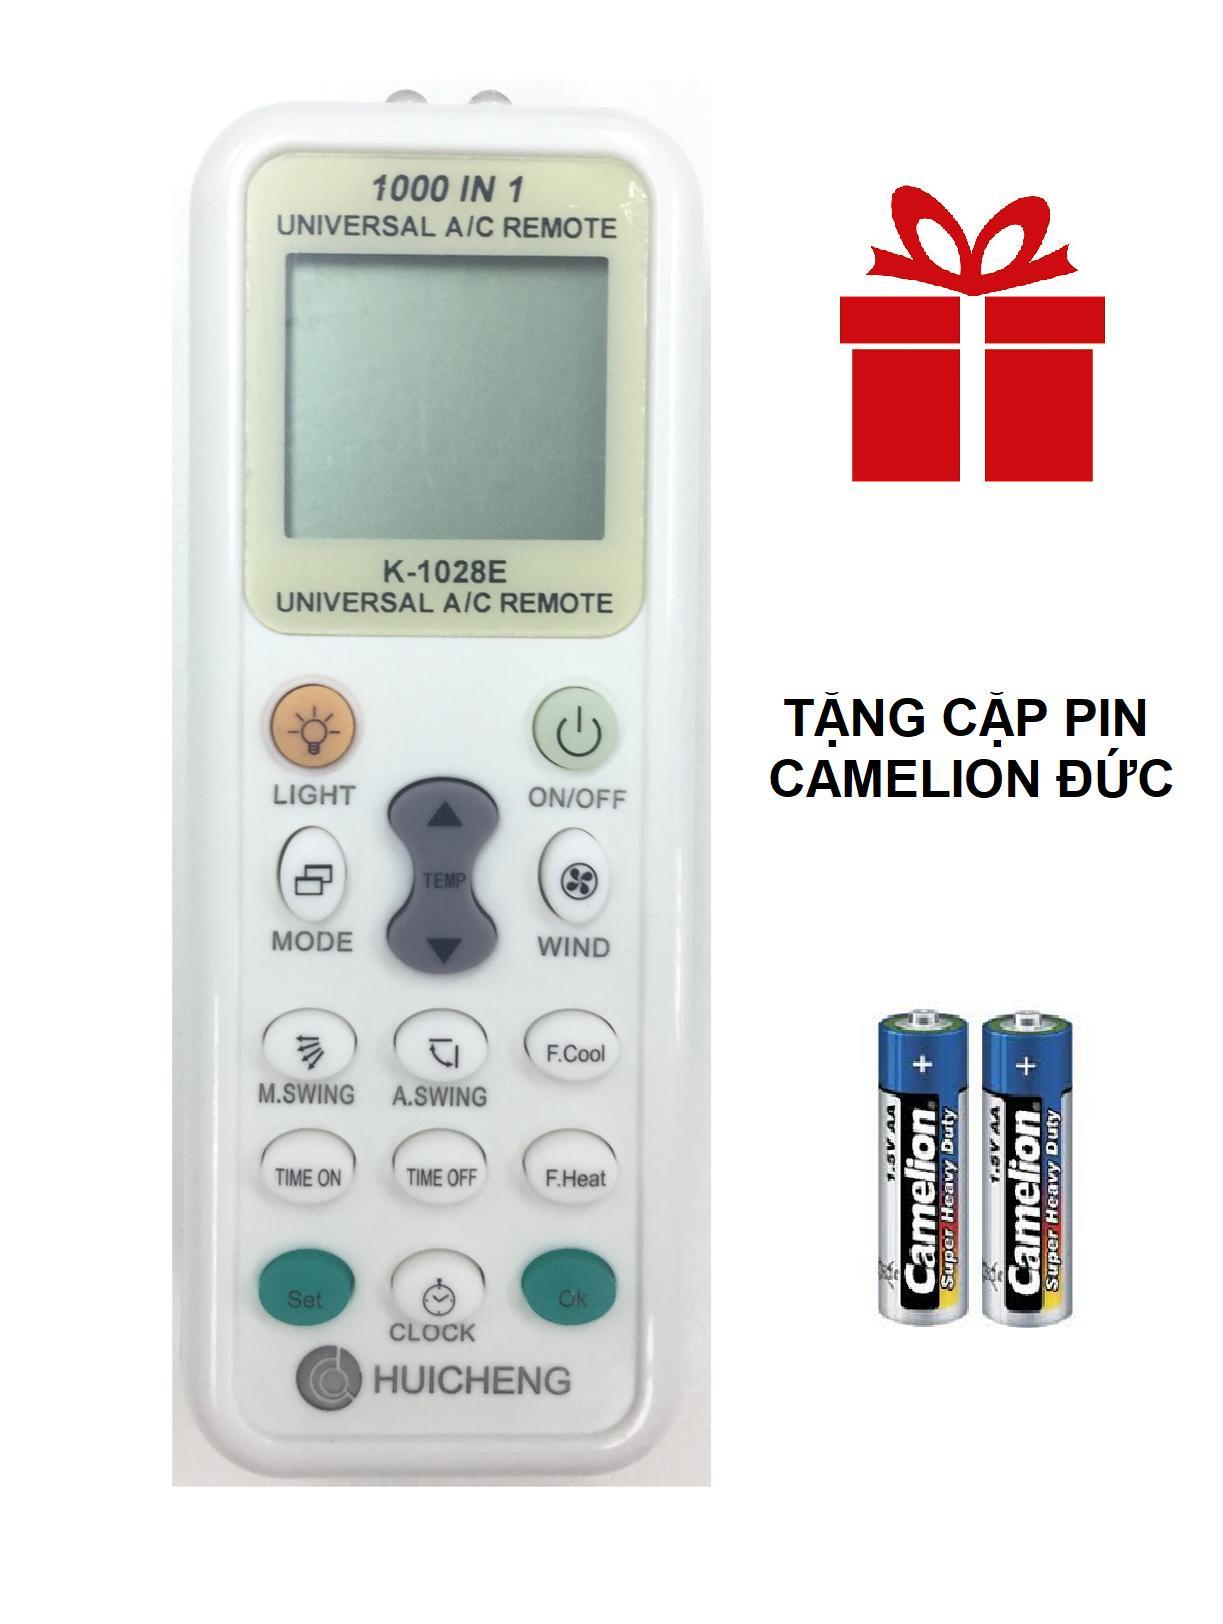 Hình ảnh REMOTE MÁY LẠNH ĐA NĂNG HUICHENG K-1028E TÍCH HỢP MÃ 1000 SẢN PHẨM